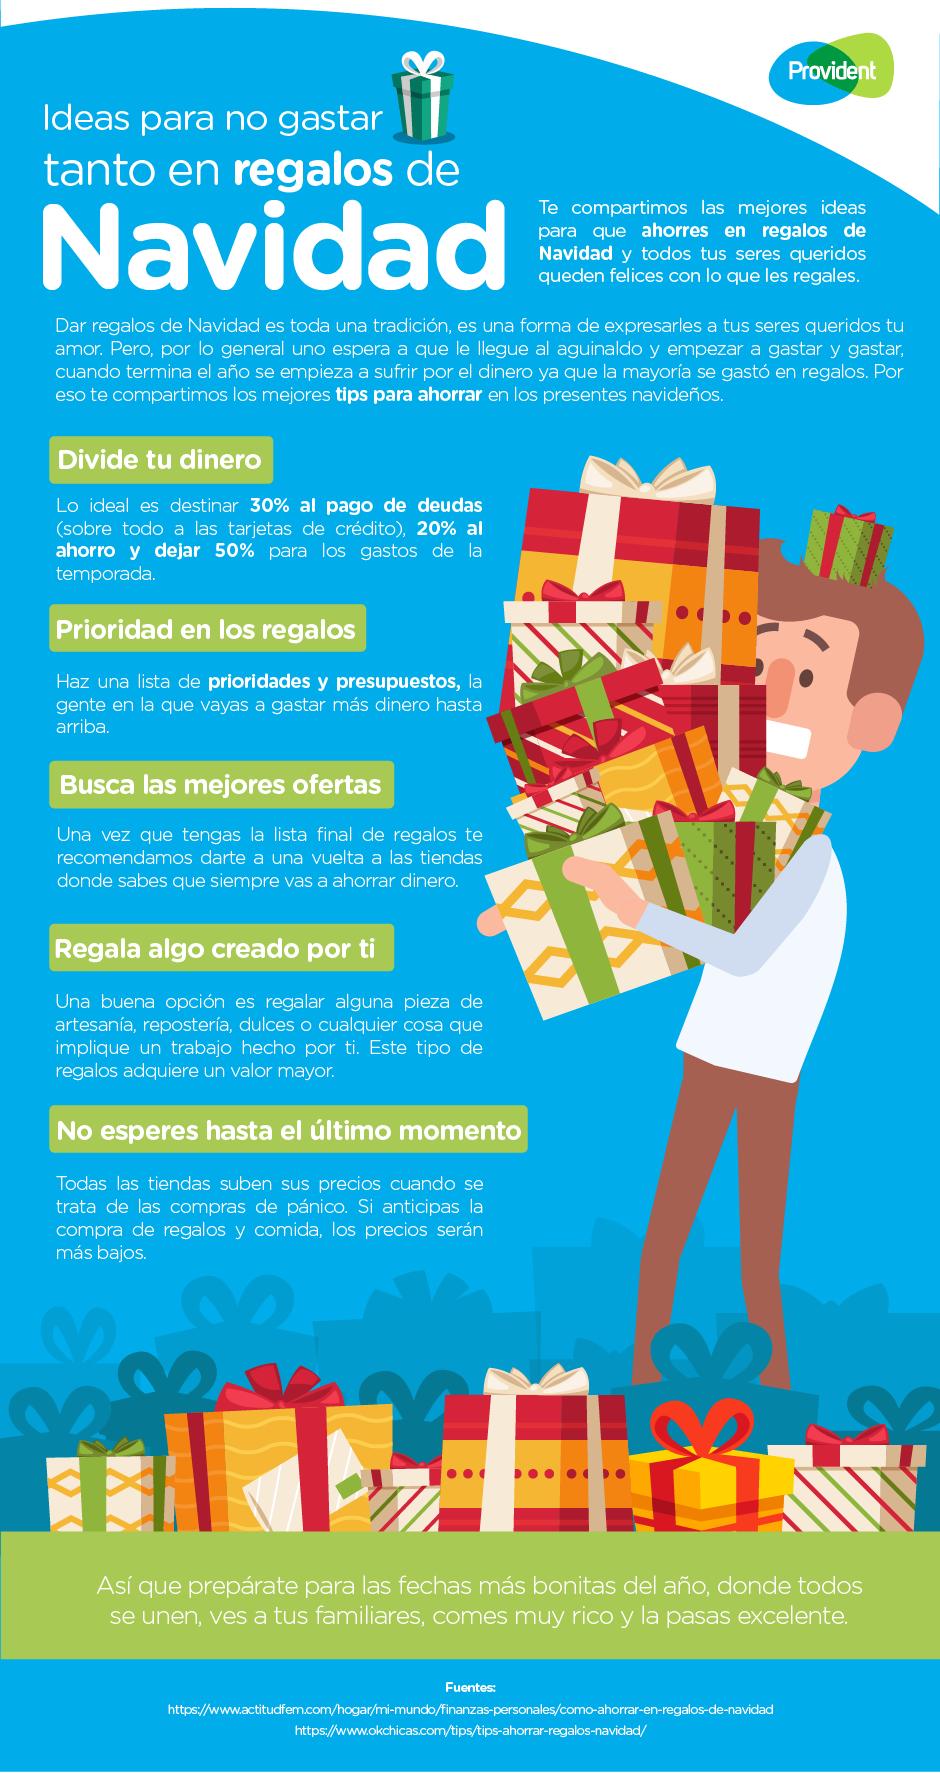 51586e79e68f1 ¡Tenemos las mejores ideas para que no gastes tanto en tus regalos  navideños!